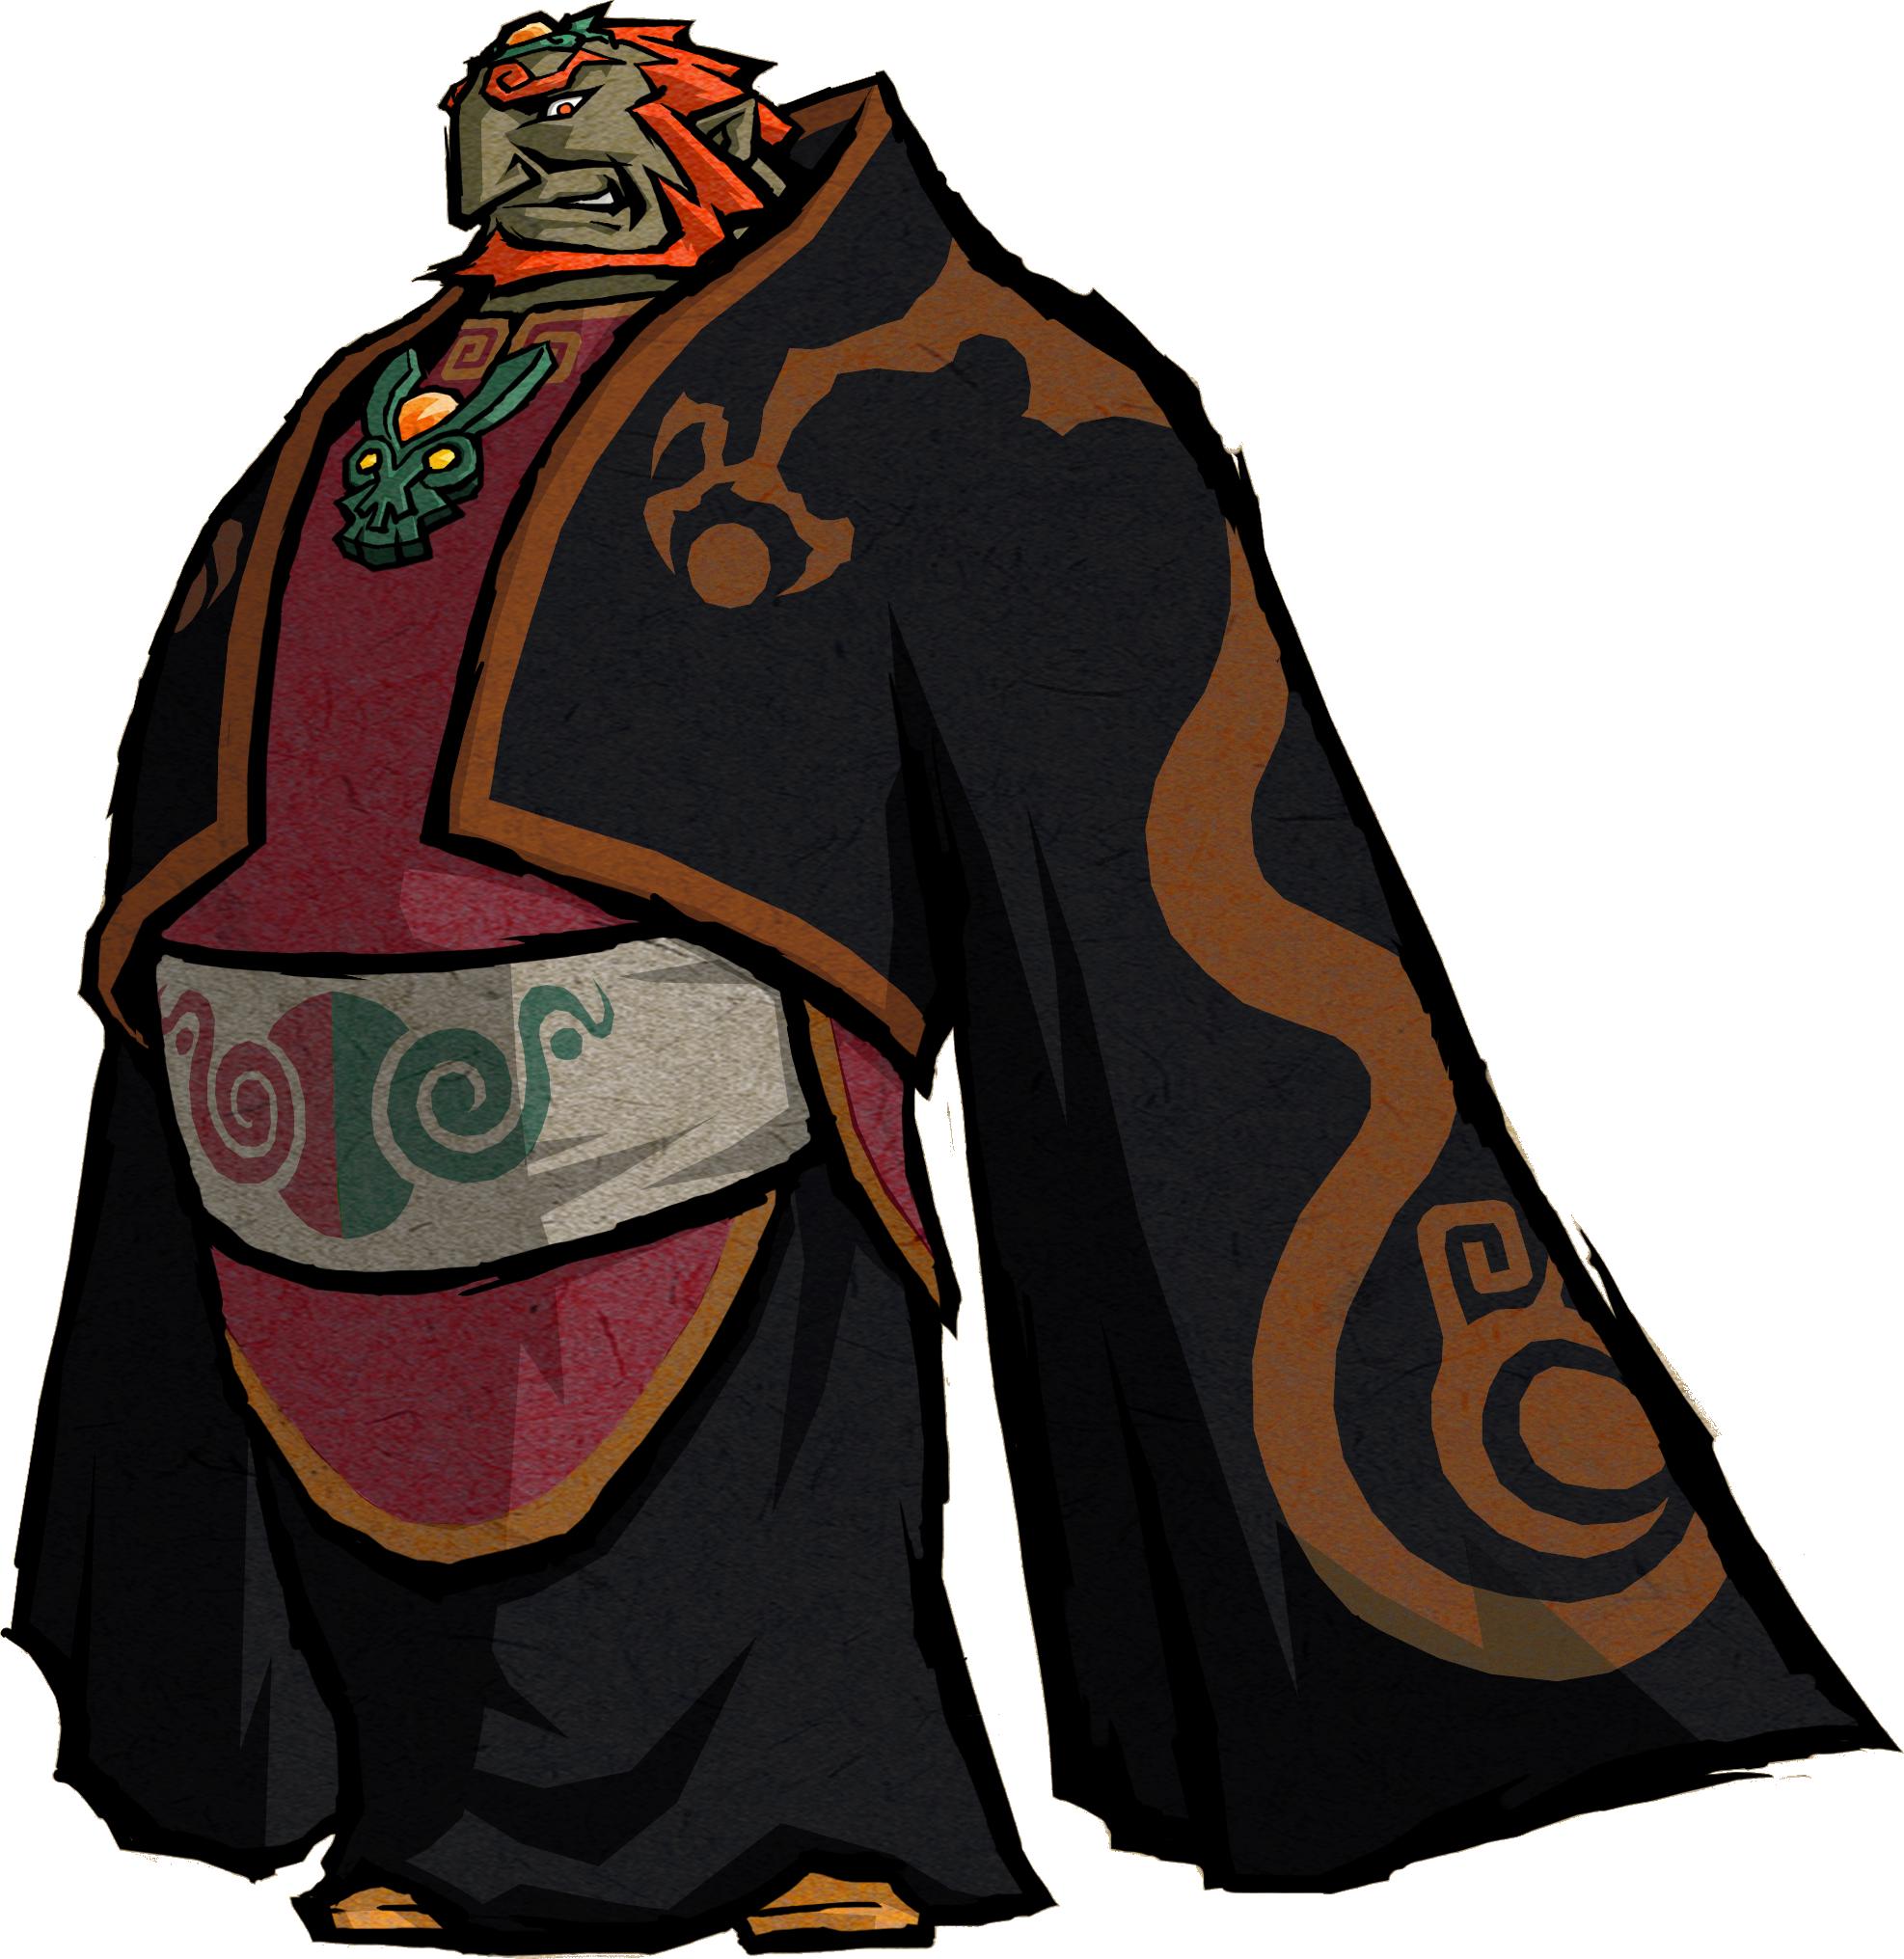 Ganondorf (The Wind Waker)